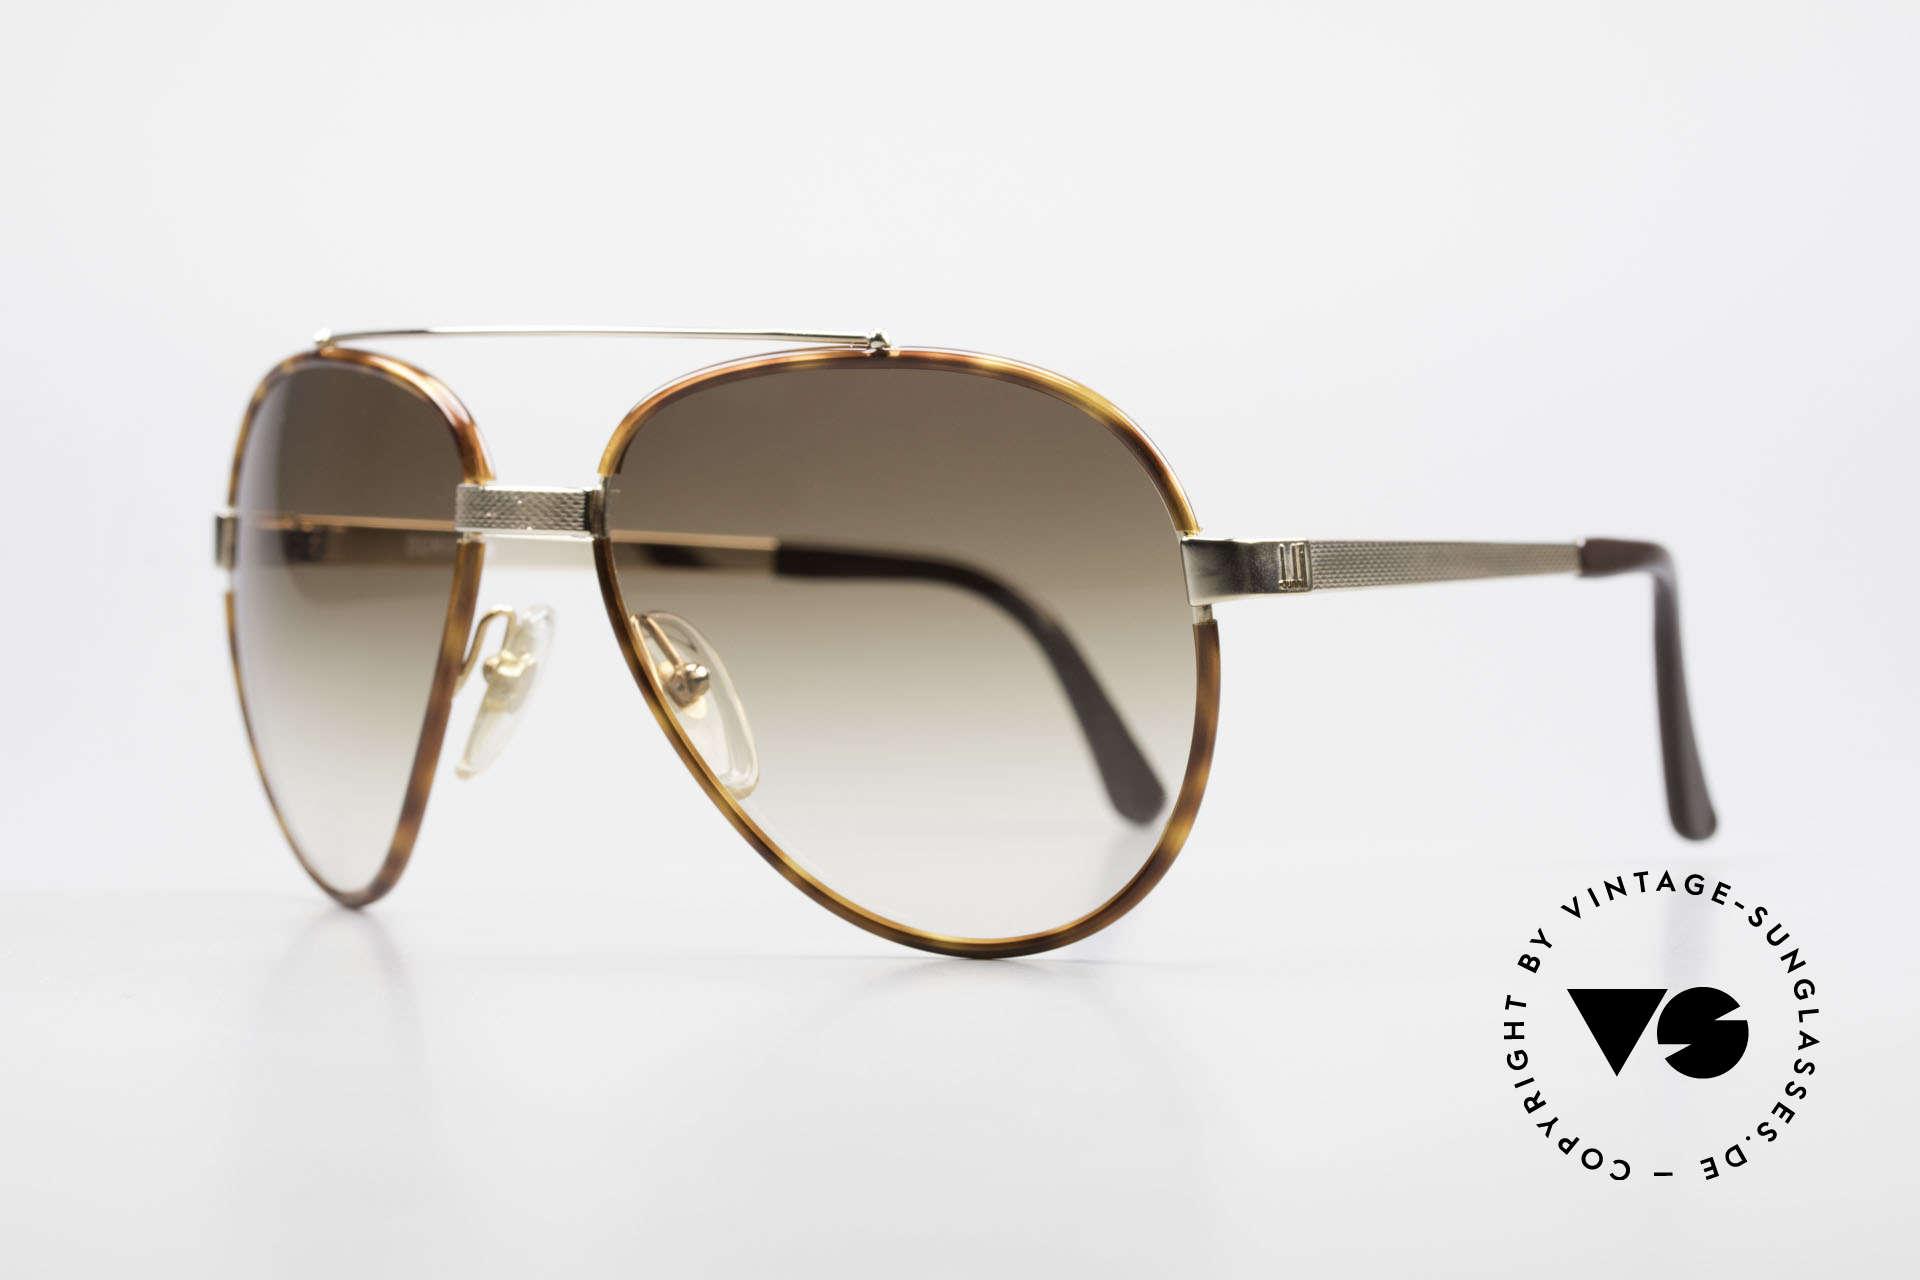 Dunhill 6023 80er Sonnenbrille Herren Luxus, Federgelenk im Nasensteg (optimale Passform), Passend für Herren